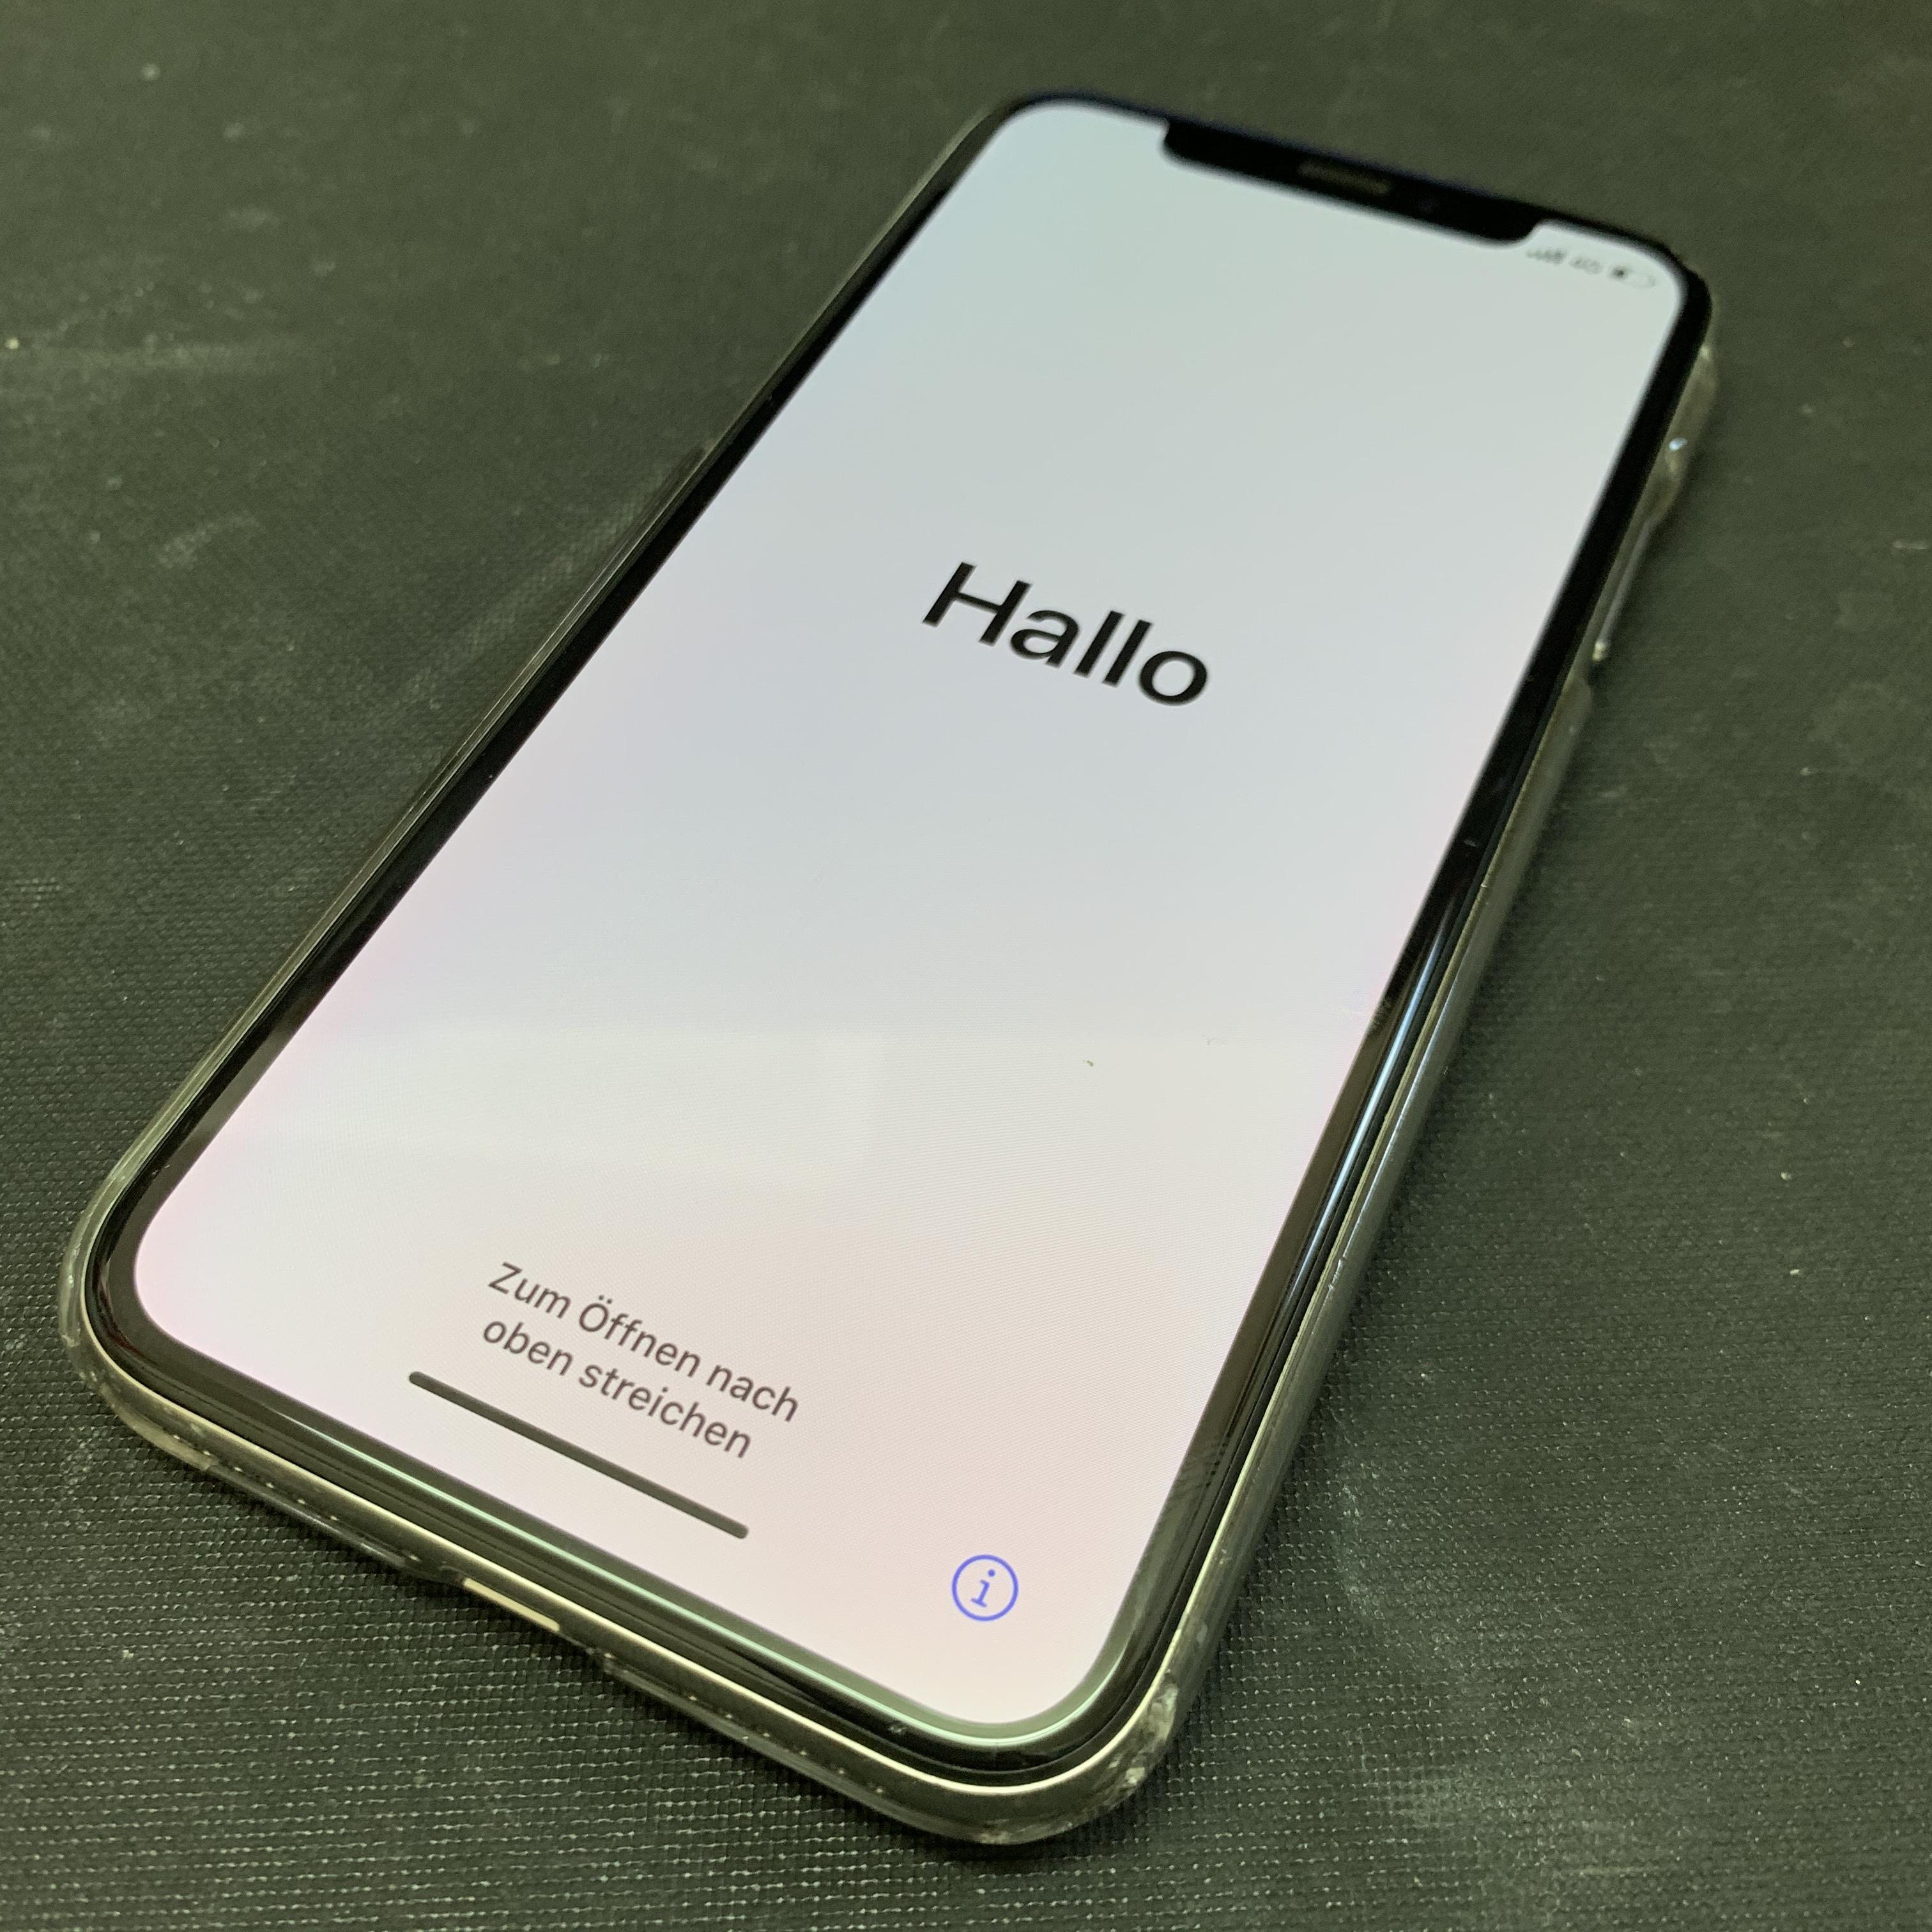 初期化されたiPhoneX